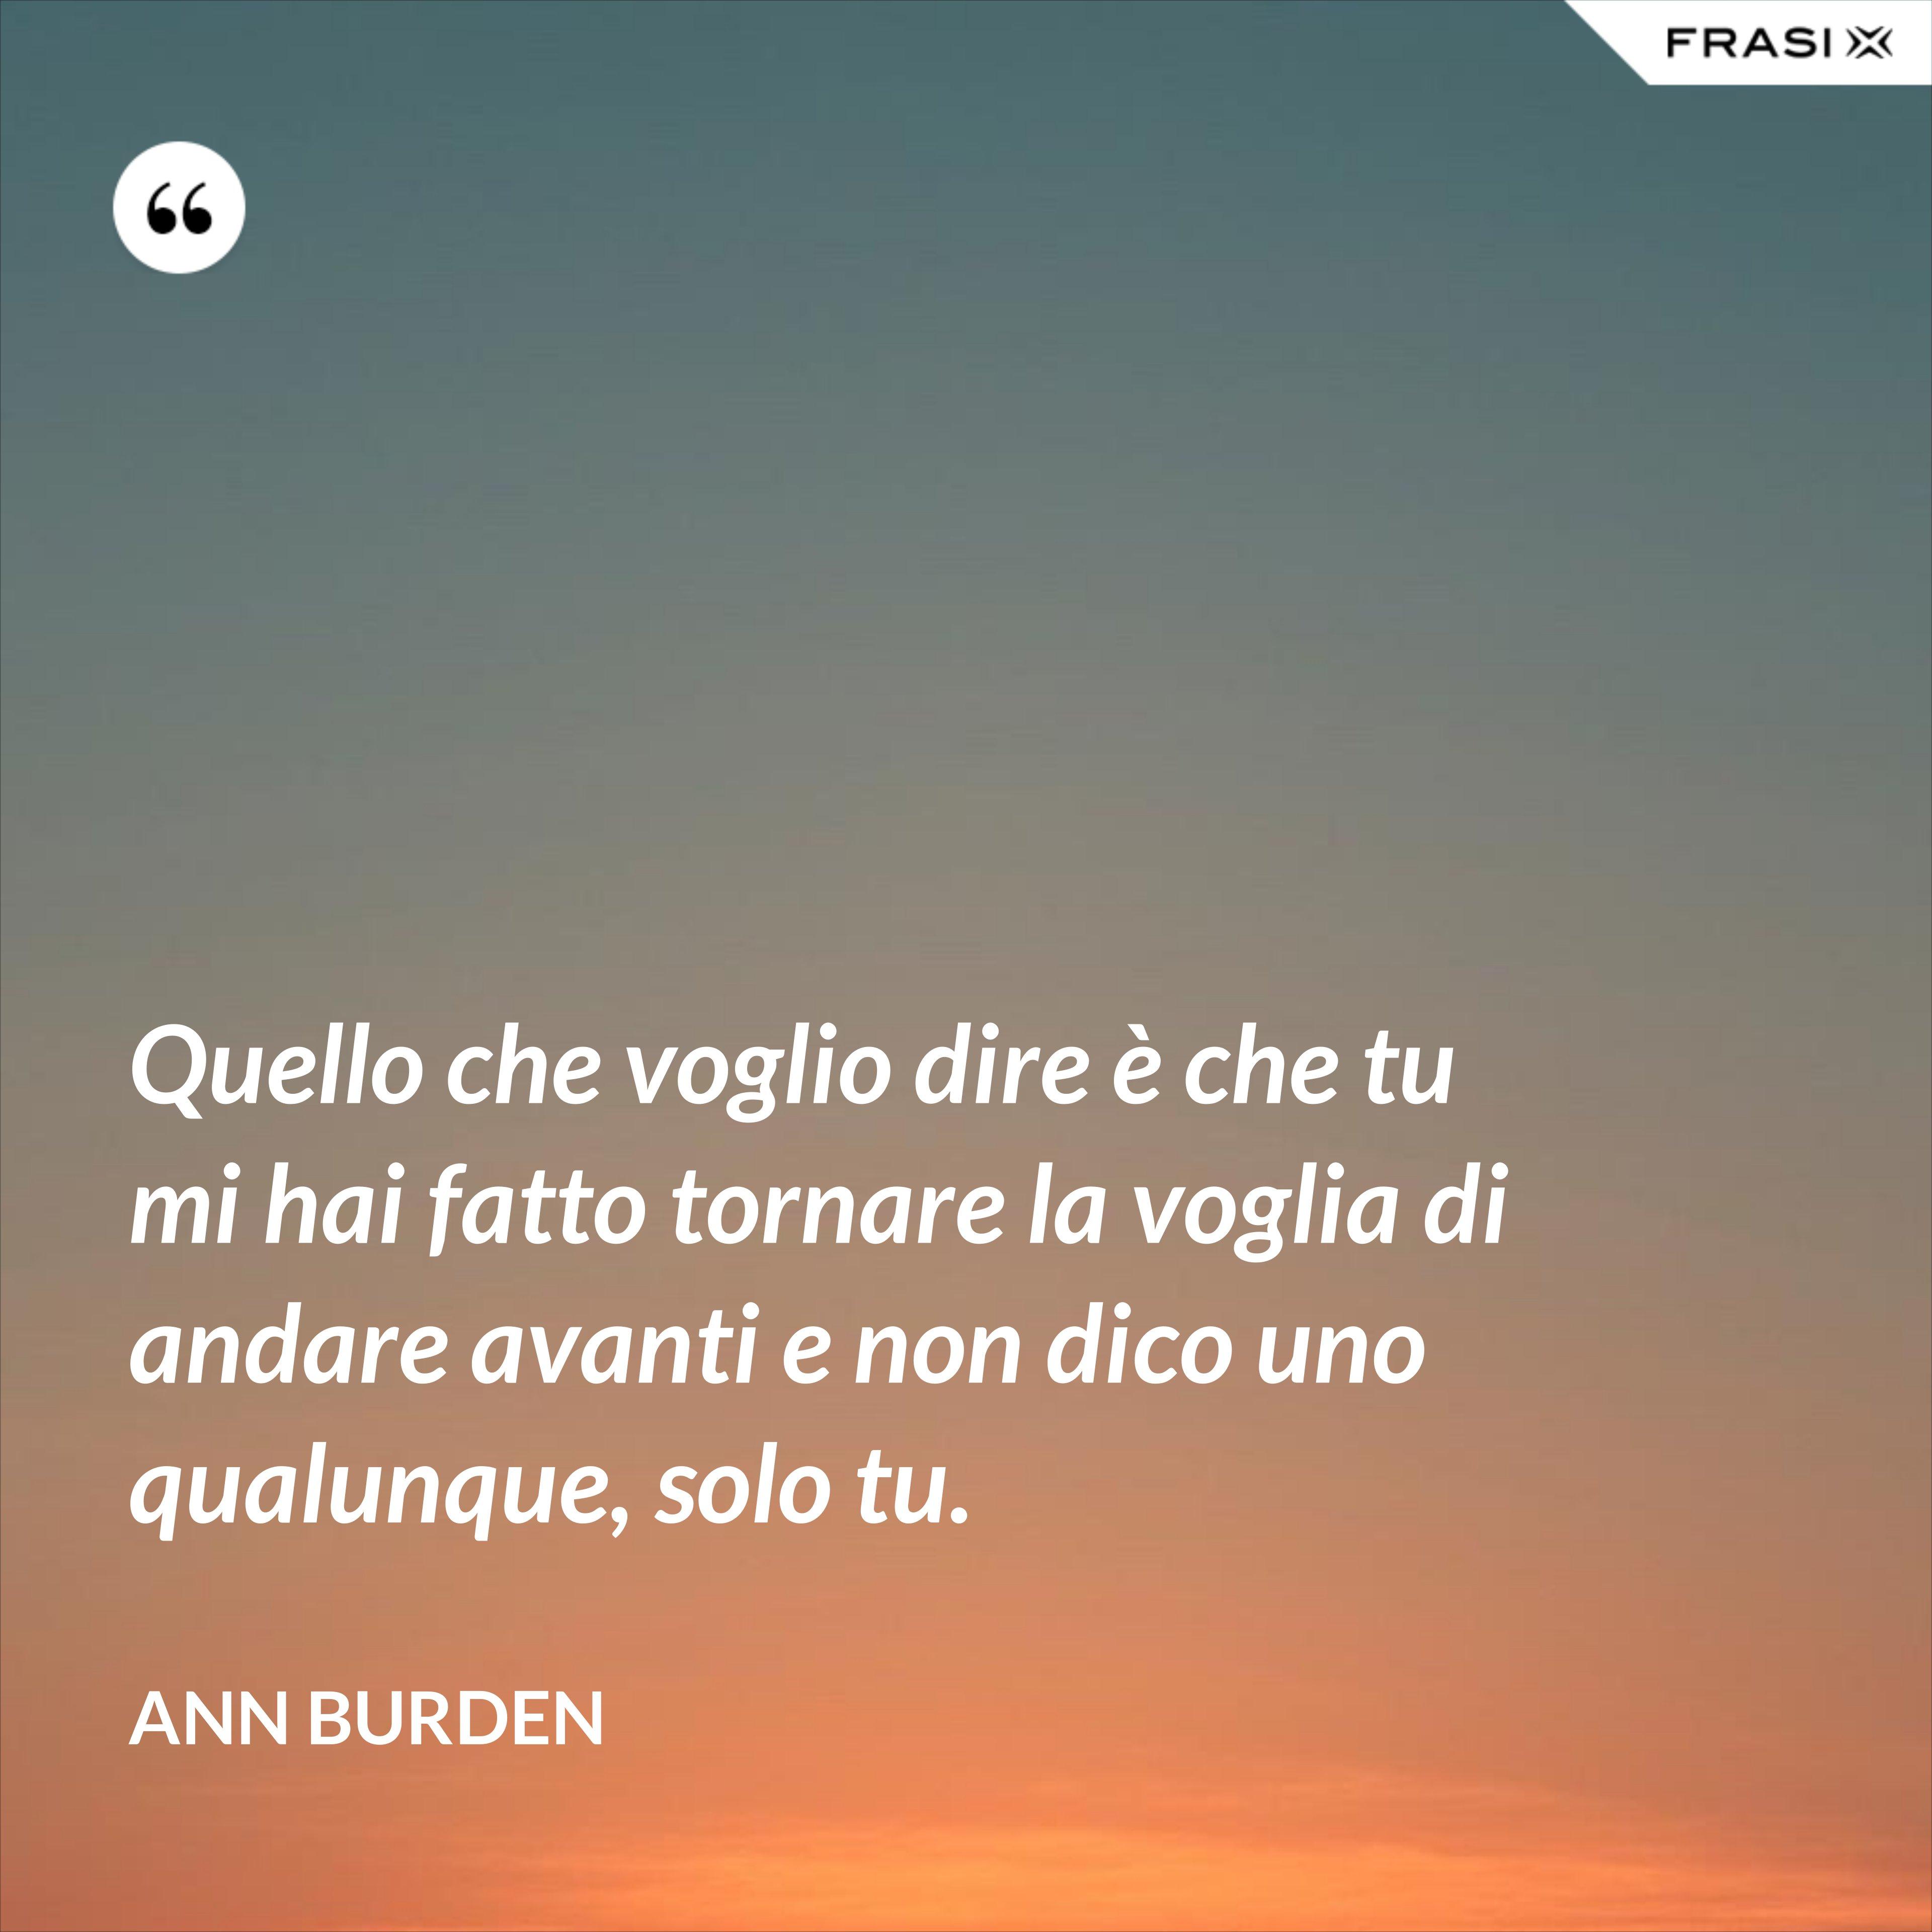 Quello che voglio dire è che tu mi hai fatto tornare la voglia di andare avanti e non dico uno qualunque, solo tu. - Ann Burden